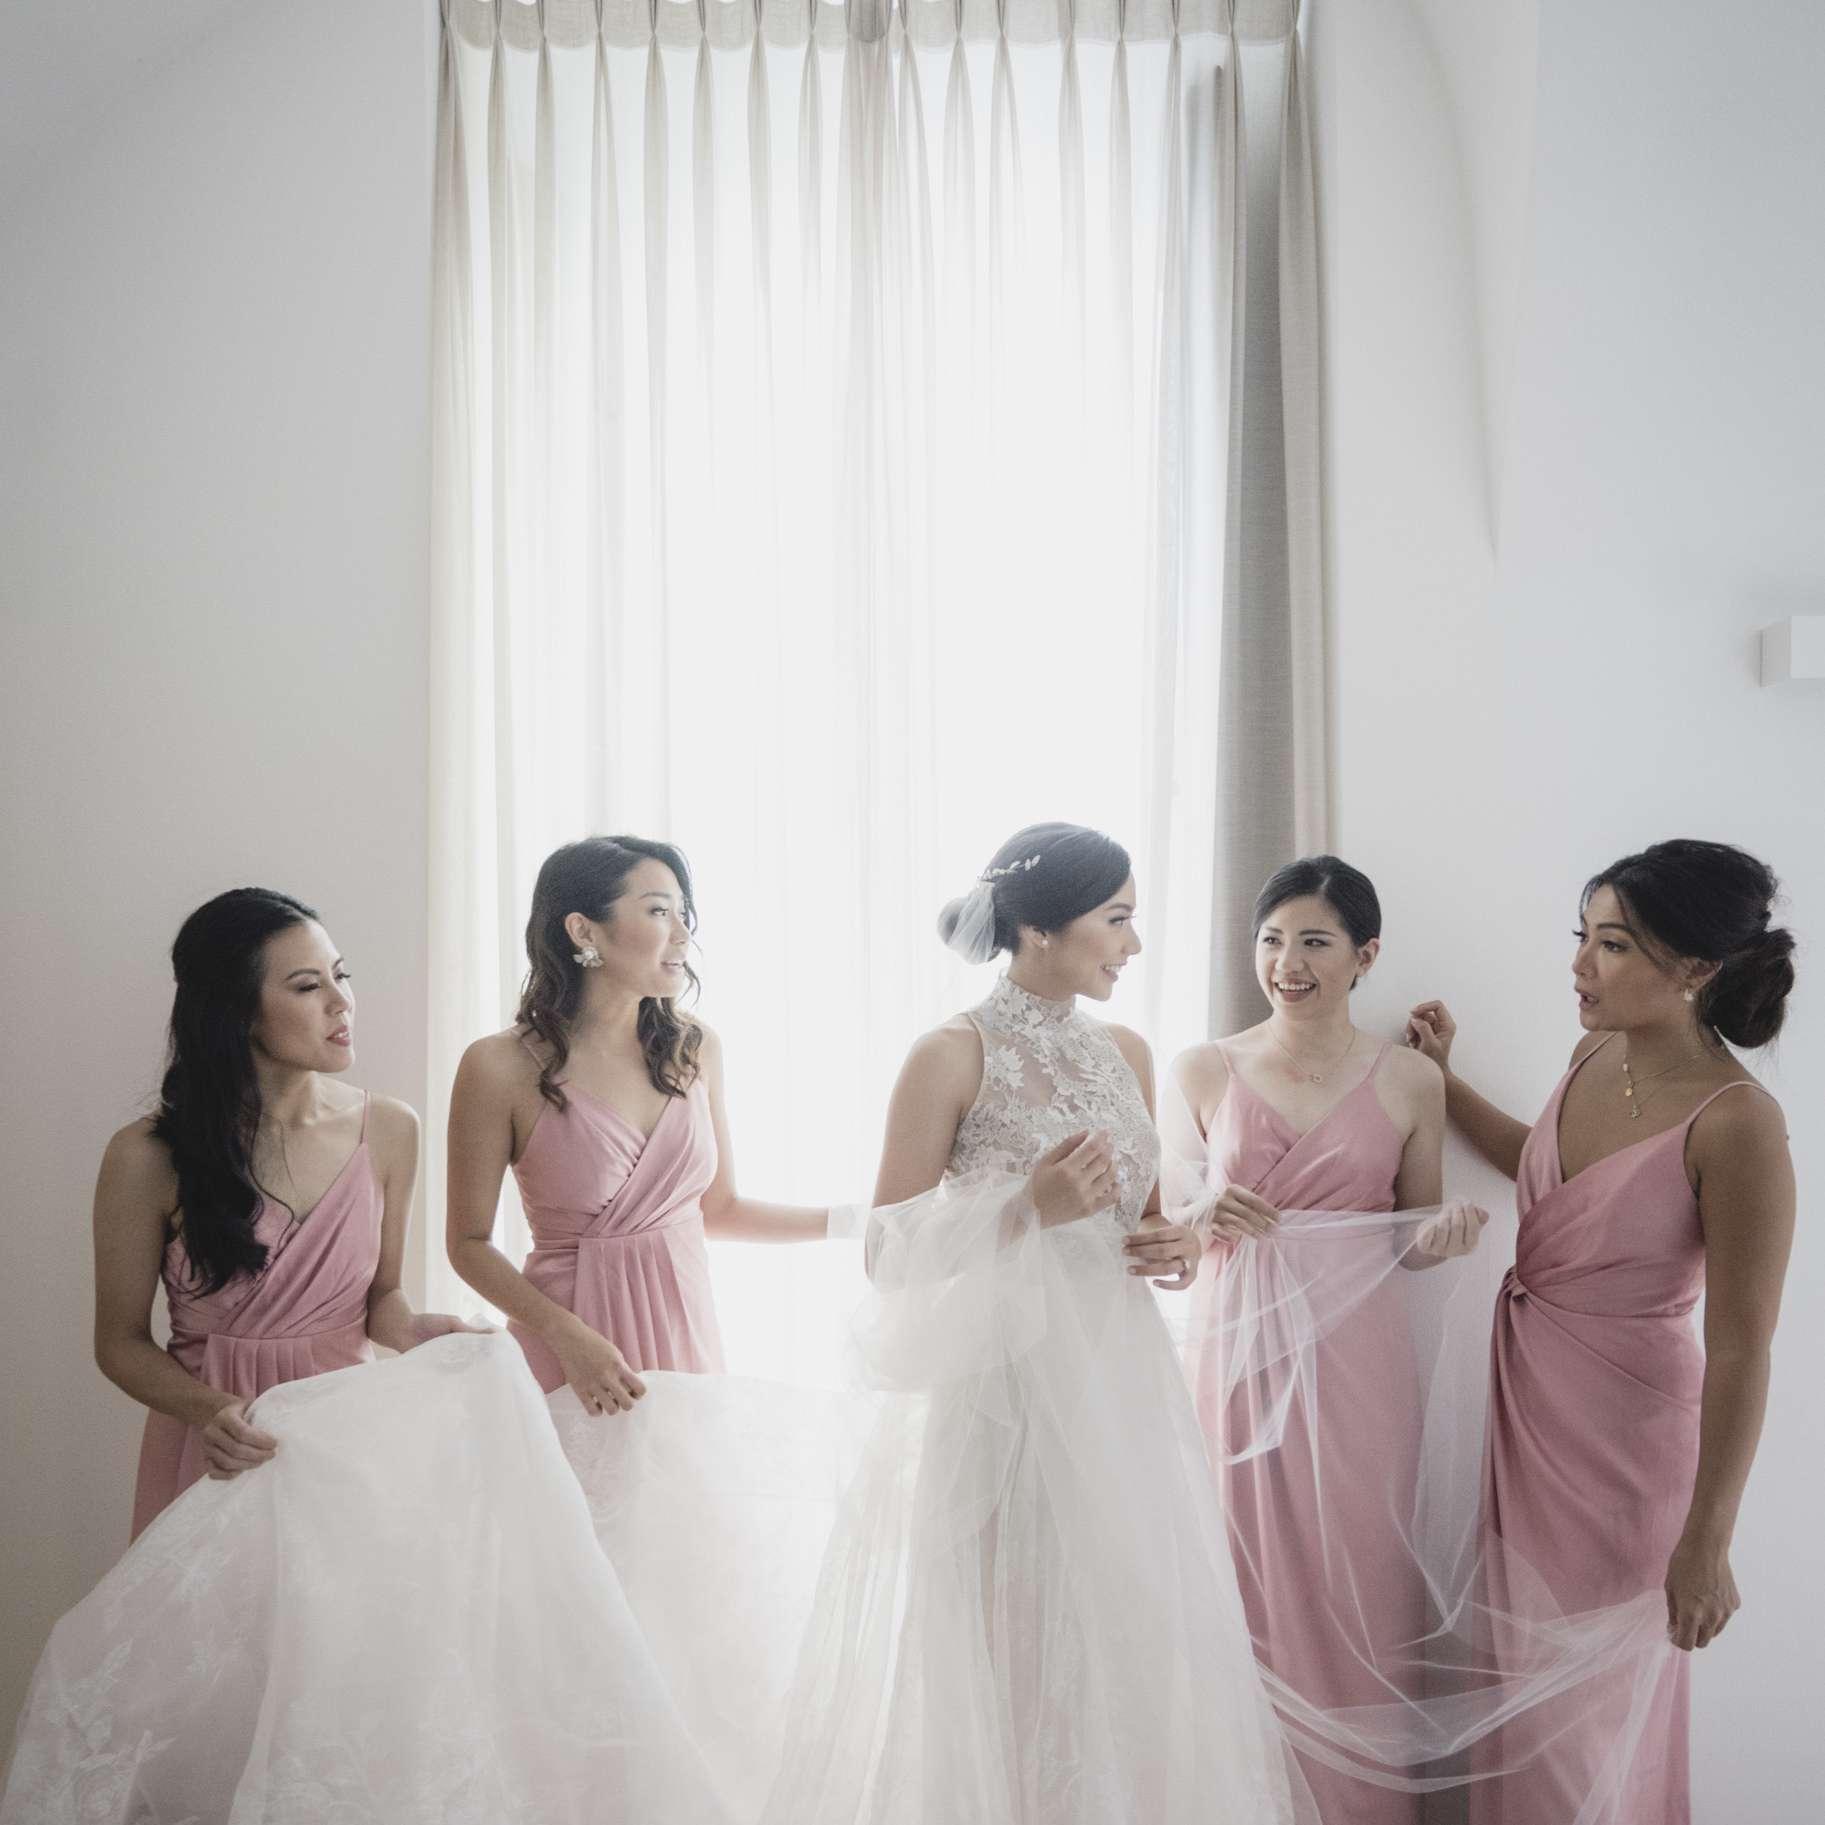 romantic lake como wedding, bride with bridesmaids